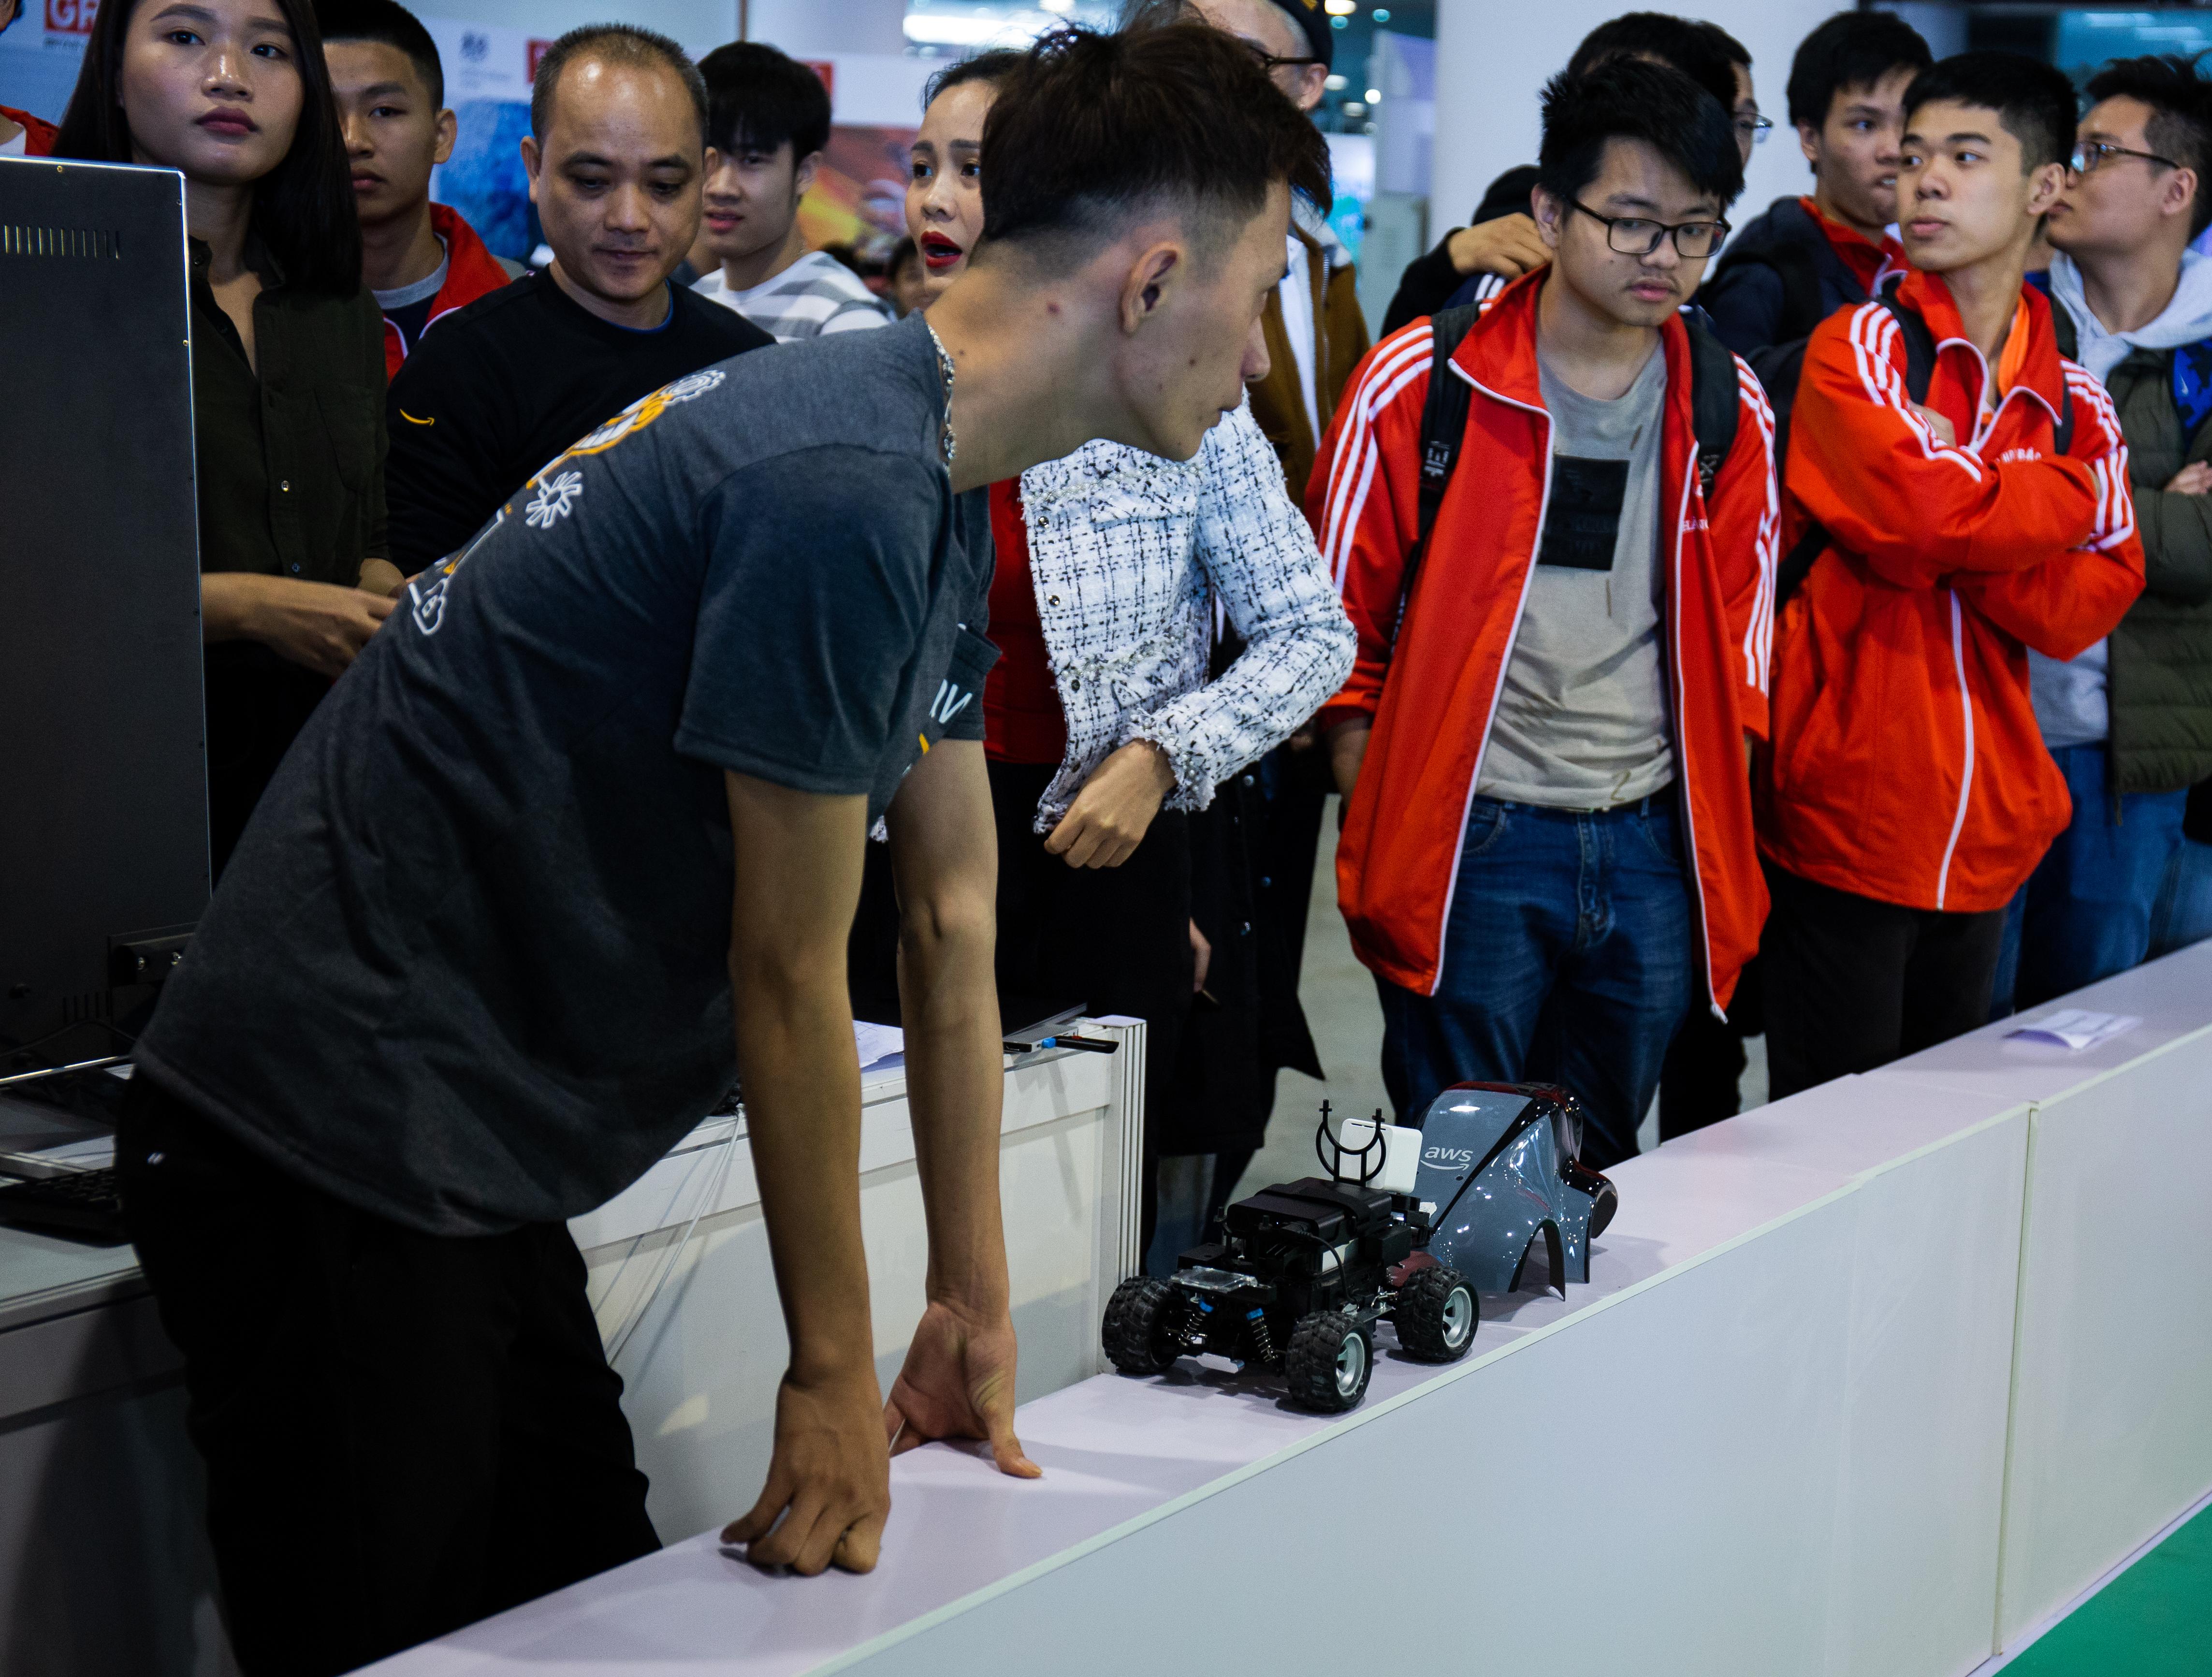 Sinh viên Đại học Bách khoa Hà Nội chuẩn bị cho DeepRacing, đua các xe chạy dựa trên mô hình học máy, tại Techfest 2019.